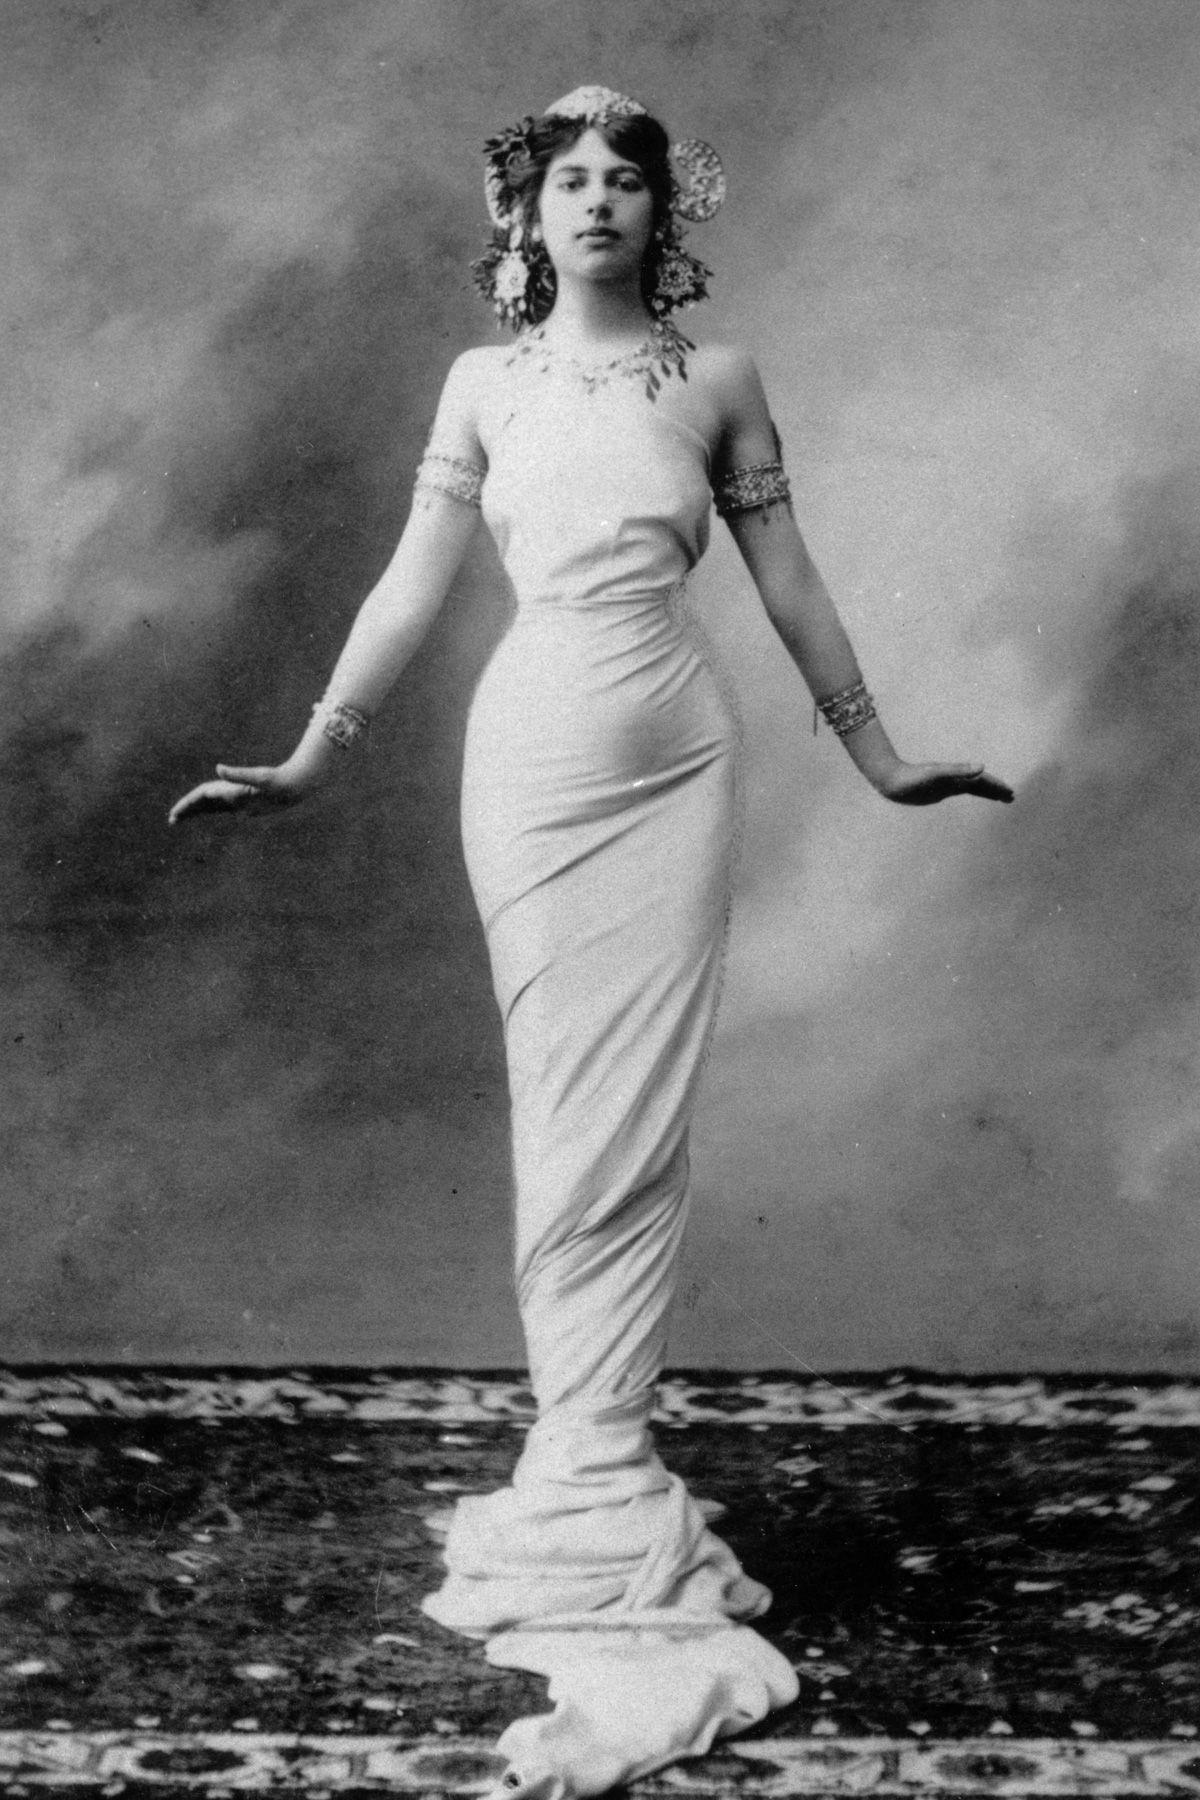 A história dramática de Mata Hari, dançarina exótica e notória espiã da Primeira Guerra Mundial 07